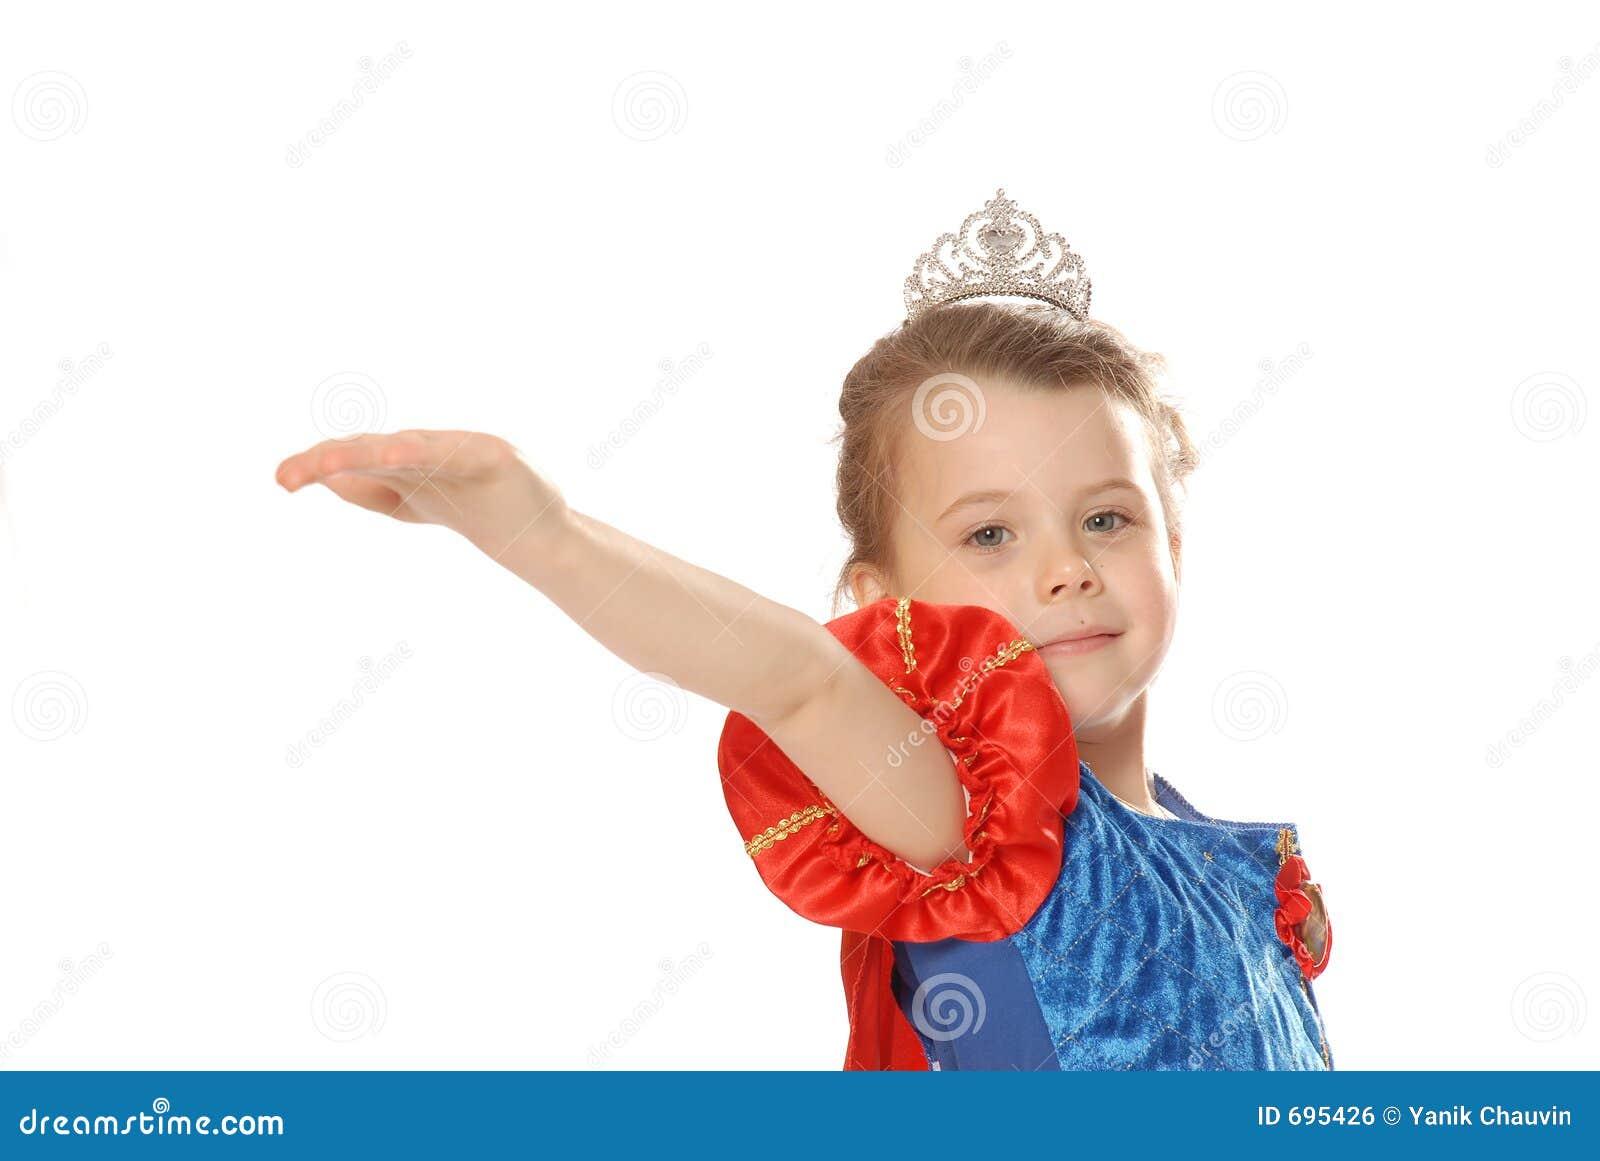 Princess giving